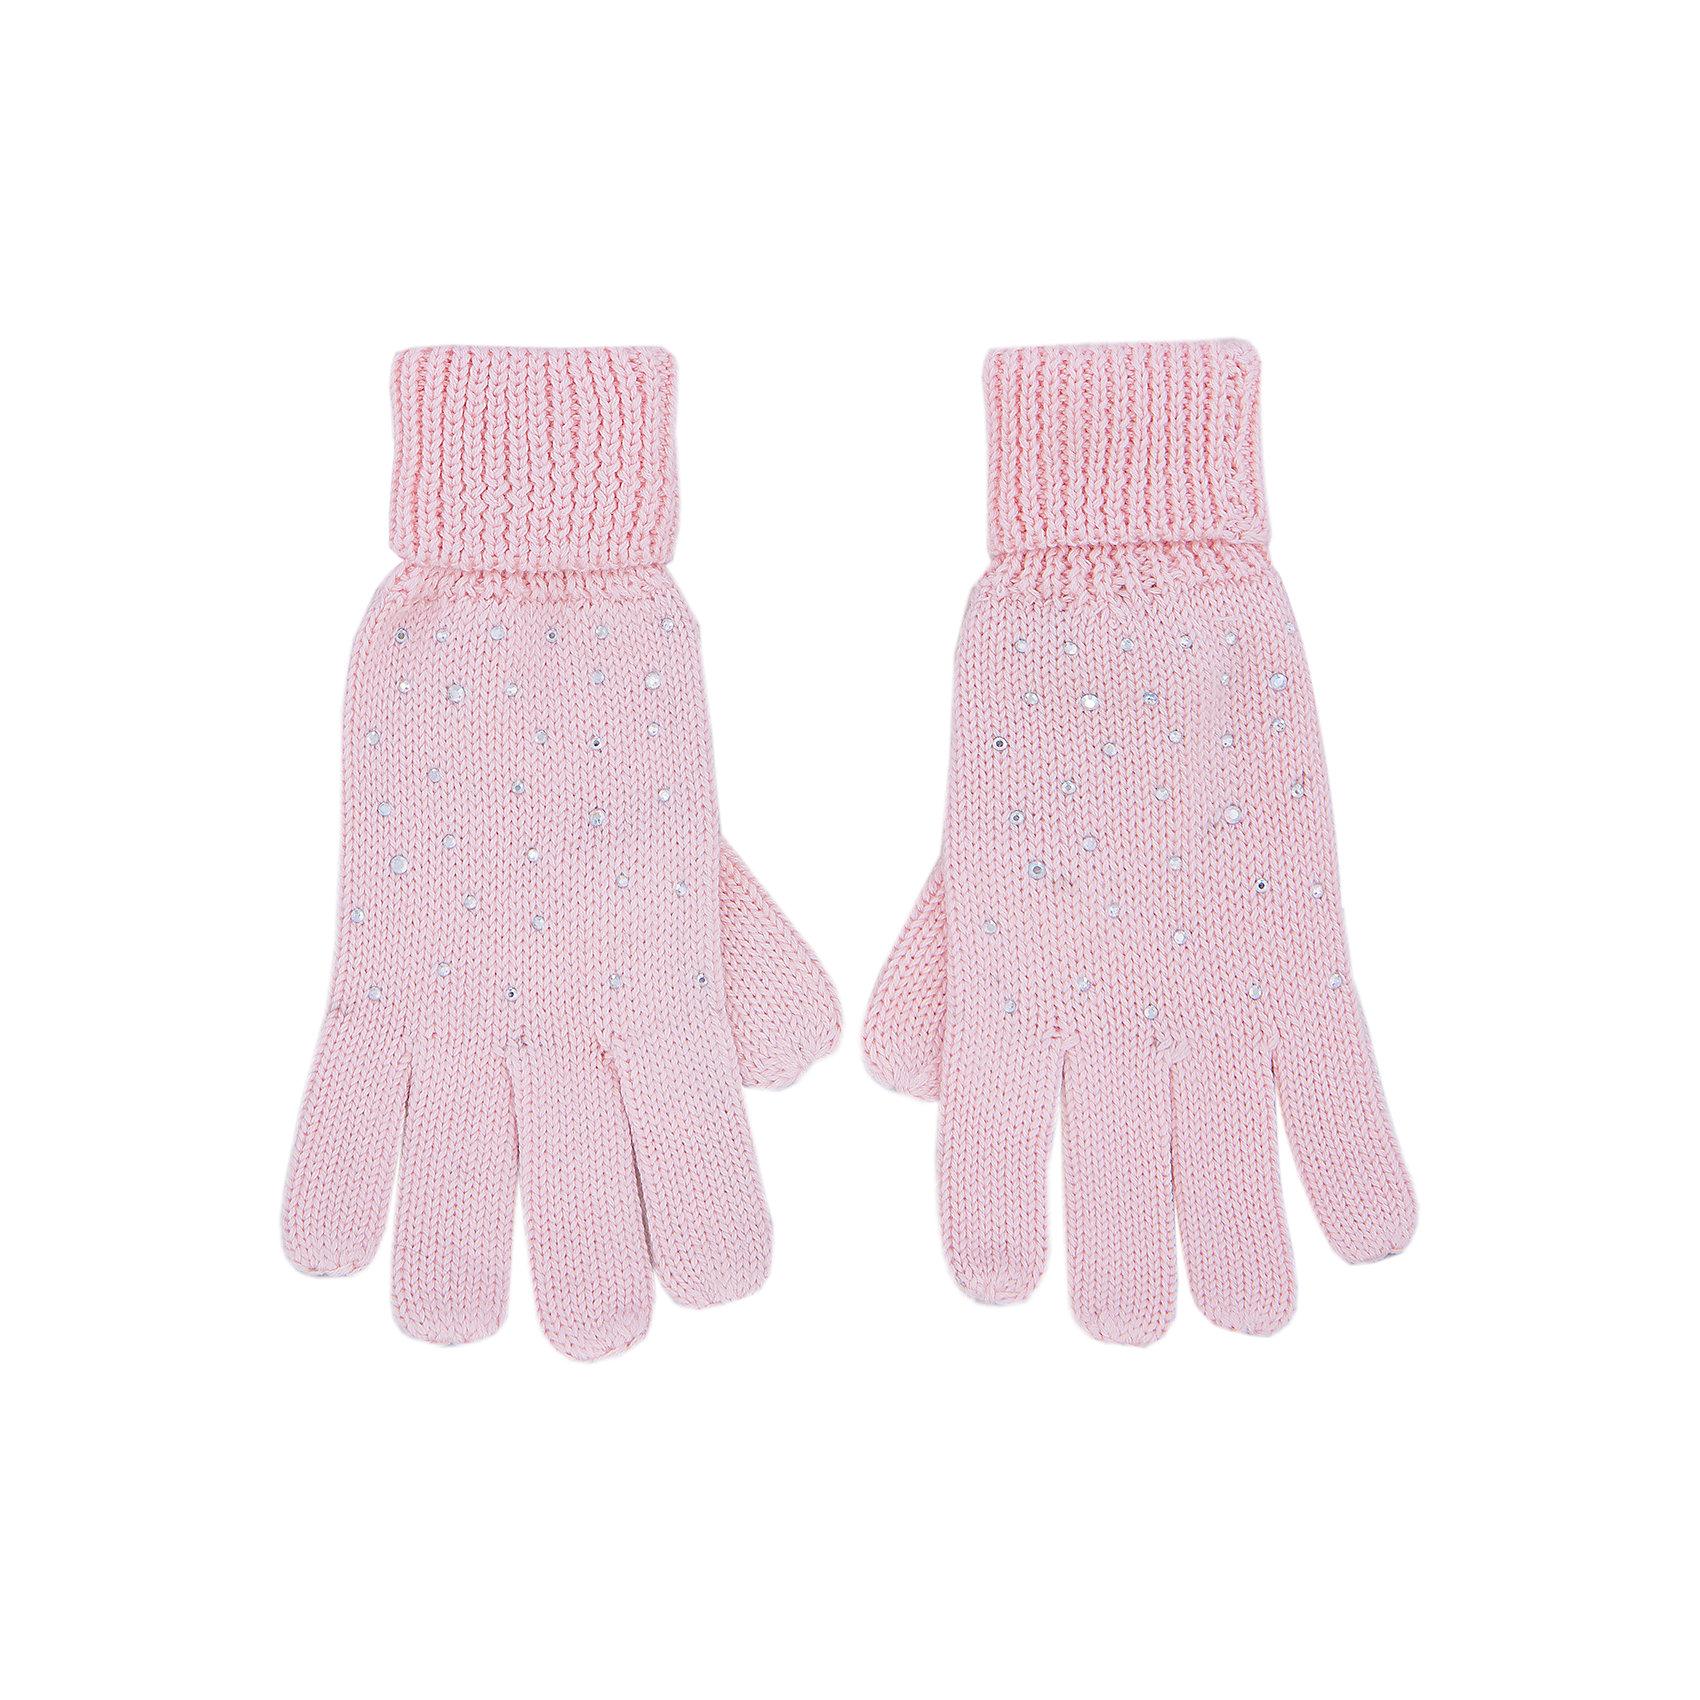 Перчатки для девочки SELAДетская одежда от SELA - это качество и отличные цены. Яркие и стильные перчатки для девочки из новой коллекции будут заметной деталью осеннего образа. Сочные цвета не оставят равнодушным никого.<br>У перчаток есть уплотненная резинка, которая защитит детскую руку от соскальзывания изделия и дополнительно утепляет модель. Блестящие, переливающиеся стразы, прикрепленные с помощью клея, добавляют будничной вещи праздничного стиля. Все материалы, использованные в создании изделия, отвечают современным требованиям по качеству и безопасности продукции. <br><br>Дополнительная информация:<br><br>цвет: камень;<br>состав: 55% хлопок, 45% акрил.<br><br>Перчатки для девочки от компании SELA можно купить в нашем магазине.<br><br>Ширина мм: 162<br>Глубина мм: 171<br>Высота мм: 55<br>Вес г: 119<br>Цвет: бежевый<br>Возраст от месяцев: 96<br>Возраст до месяцев: 120<br>Пол: Женский<br>Возраст: Детский<br>Размер: 16,14<br>SKU: 4913022